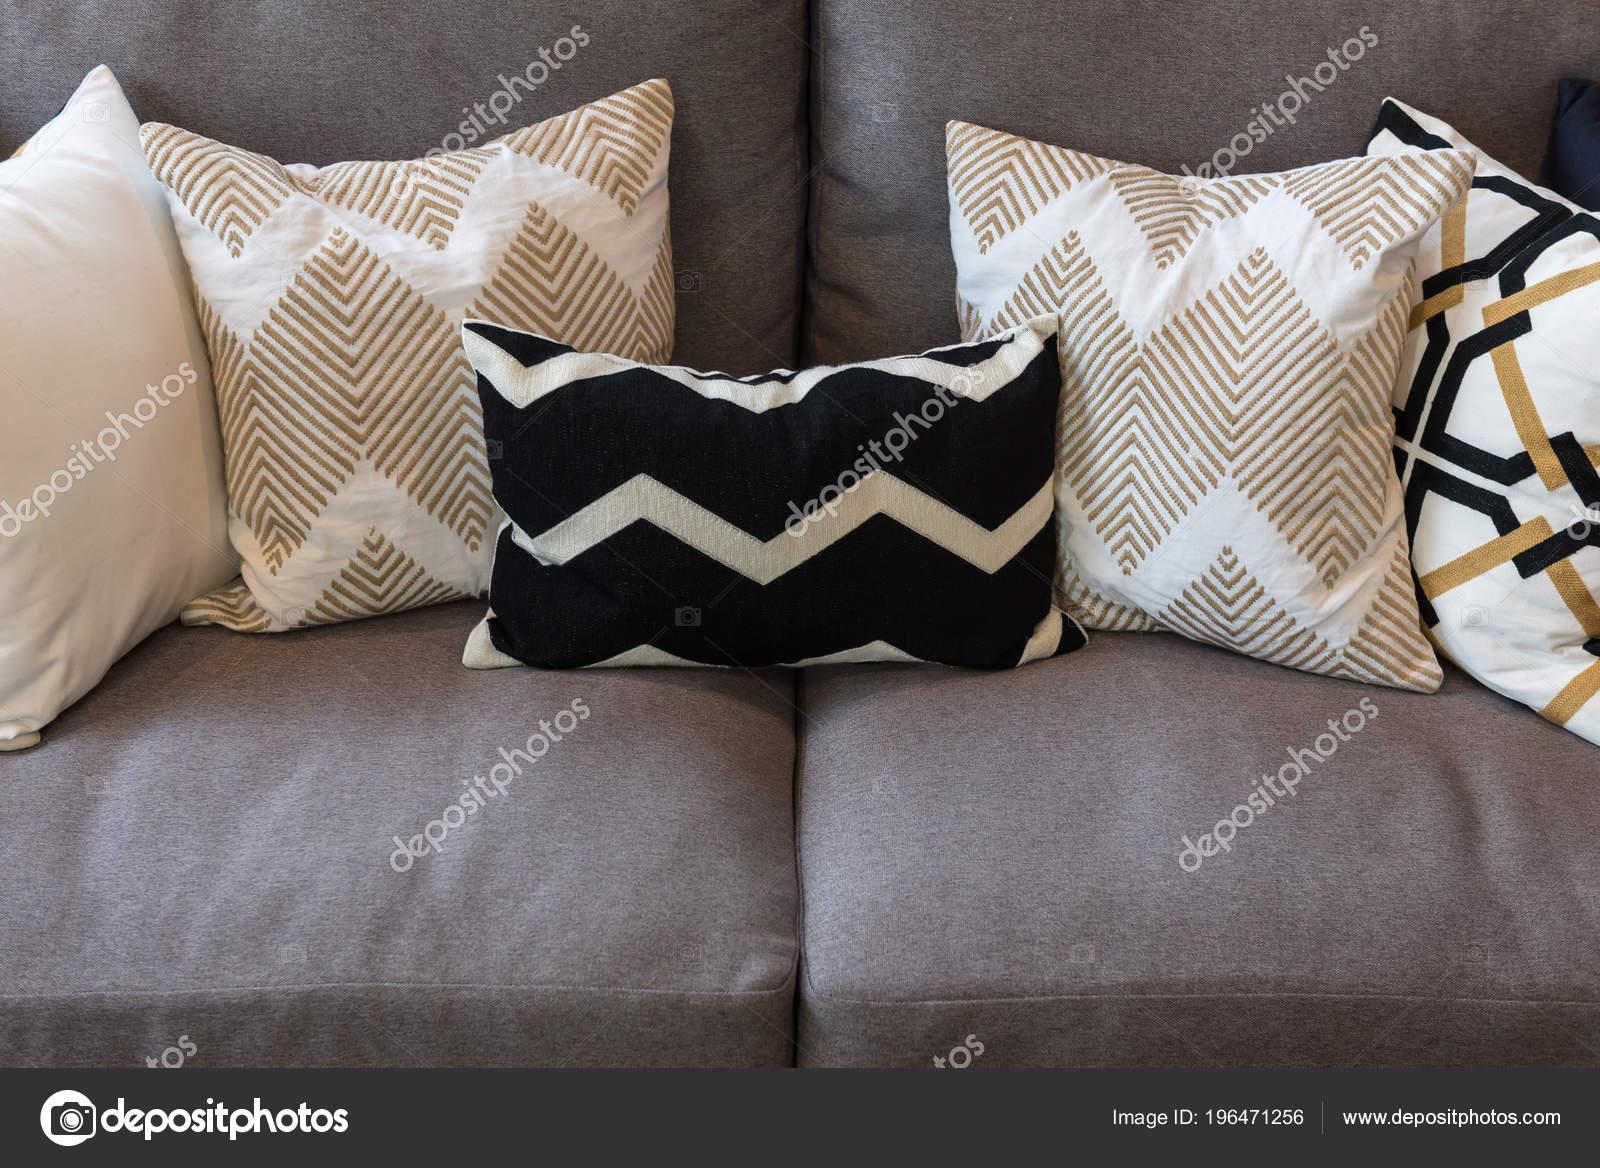 Attraktiv Luxus Wohnzimmer Stil Mit Set Auf Klassisches Sofa Einrichtungskonzept Mit  U2014 Stockfoto